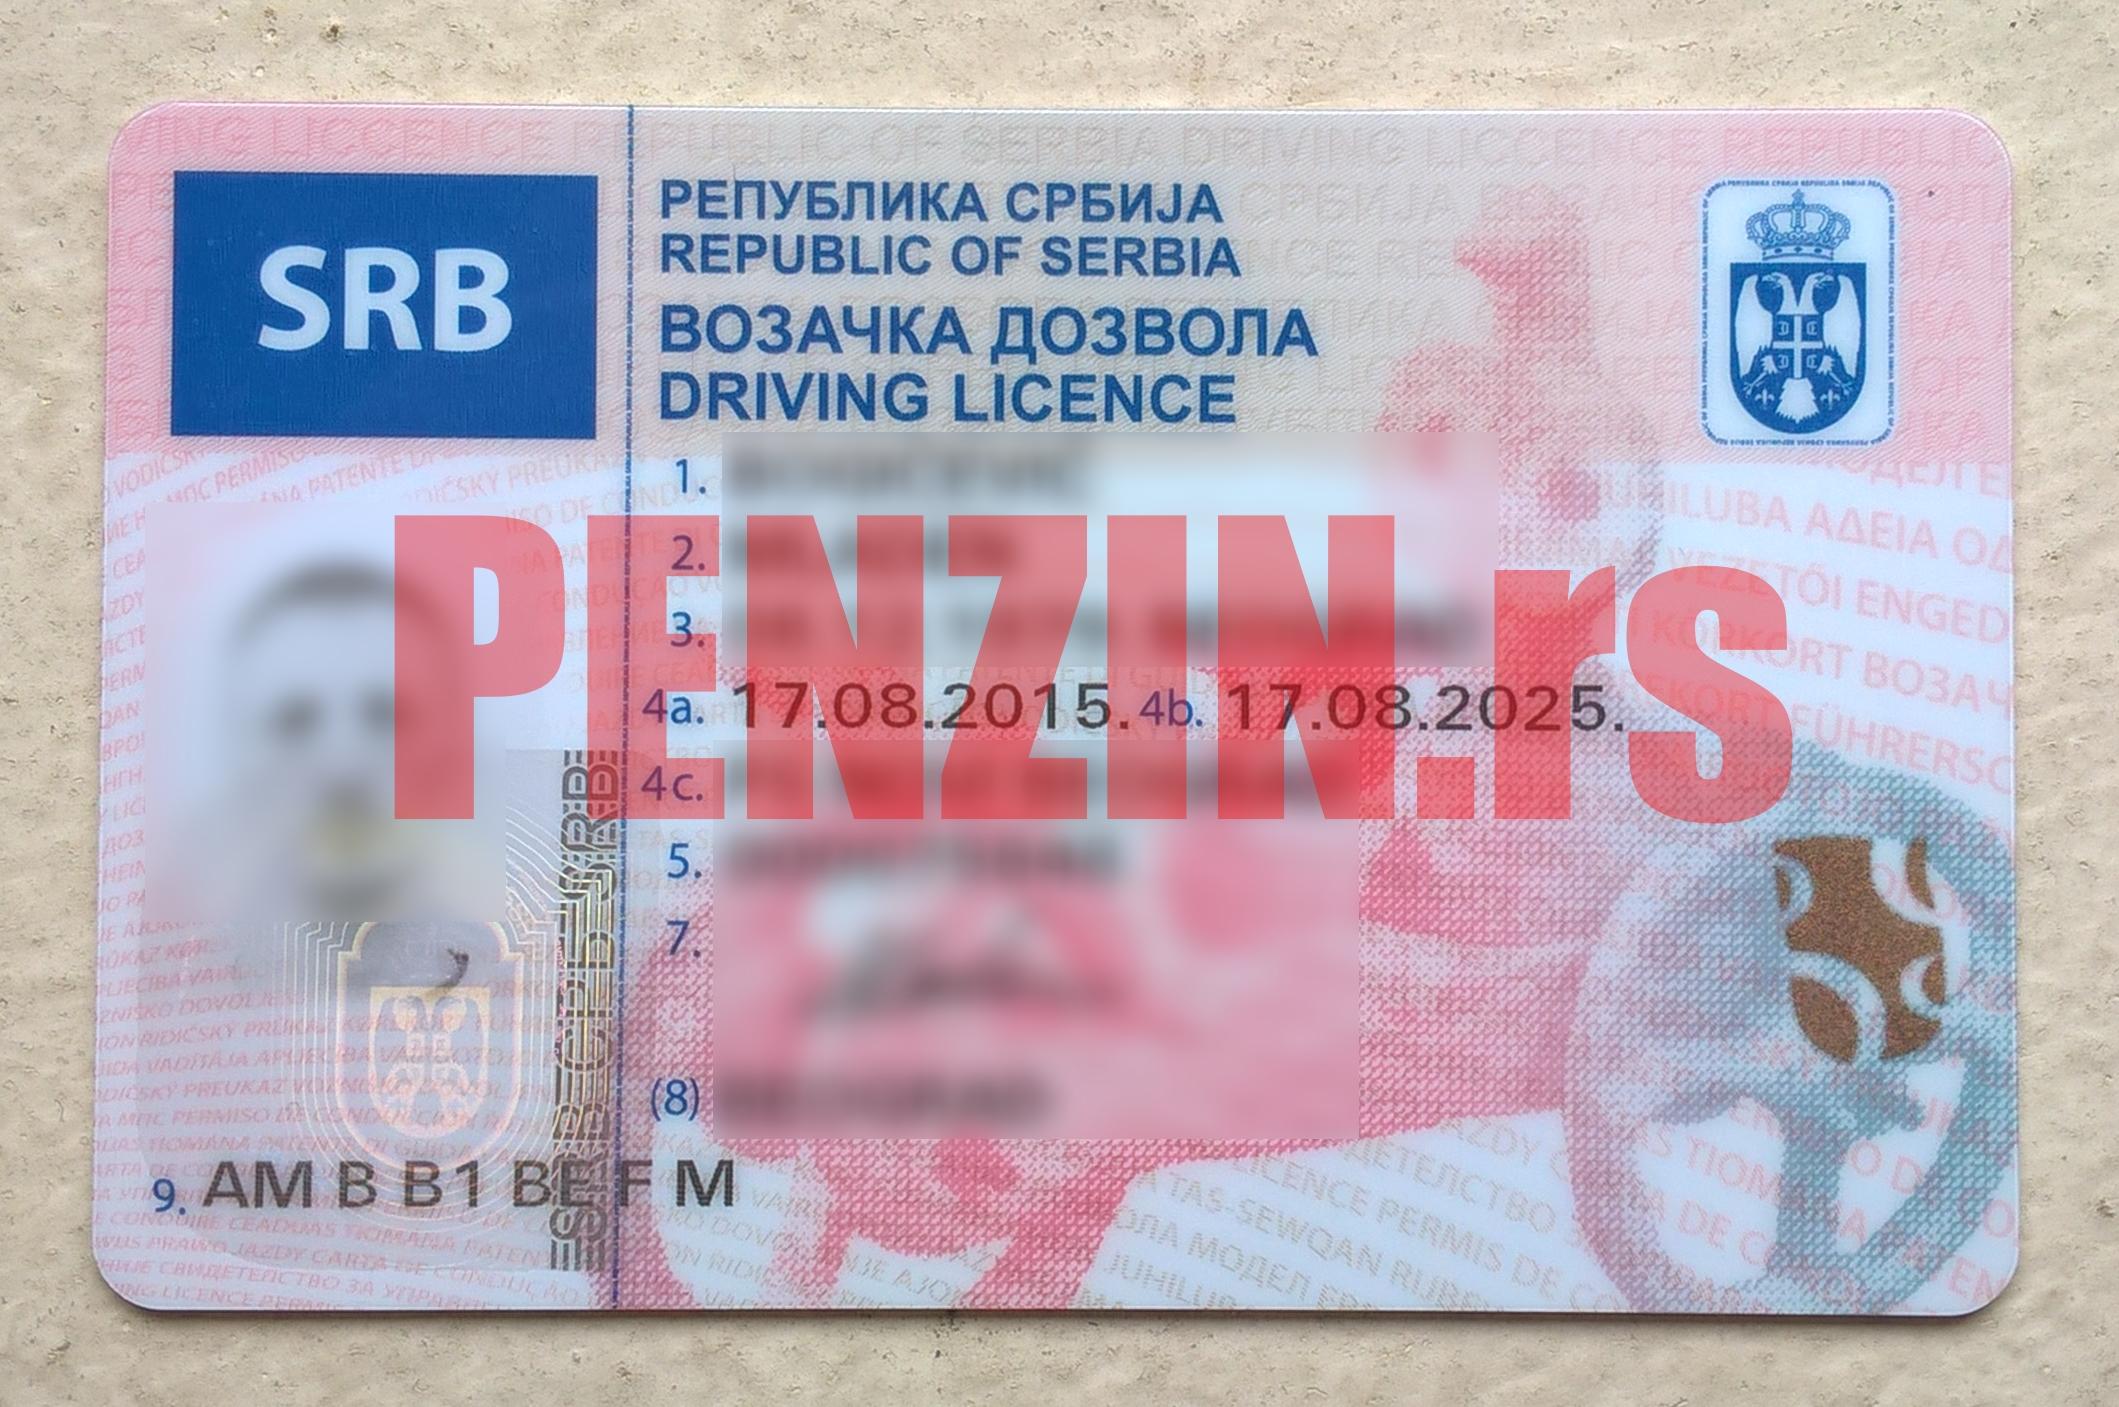 Obavezna zamena stare vozačke za novu do 10. juna 2017.